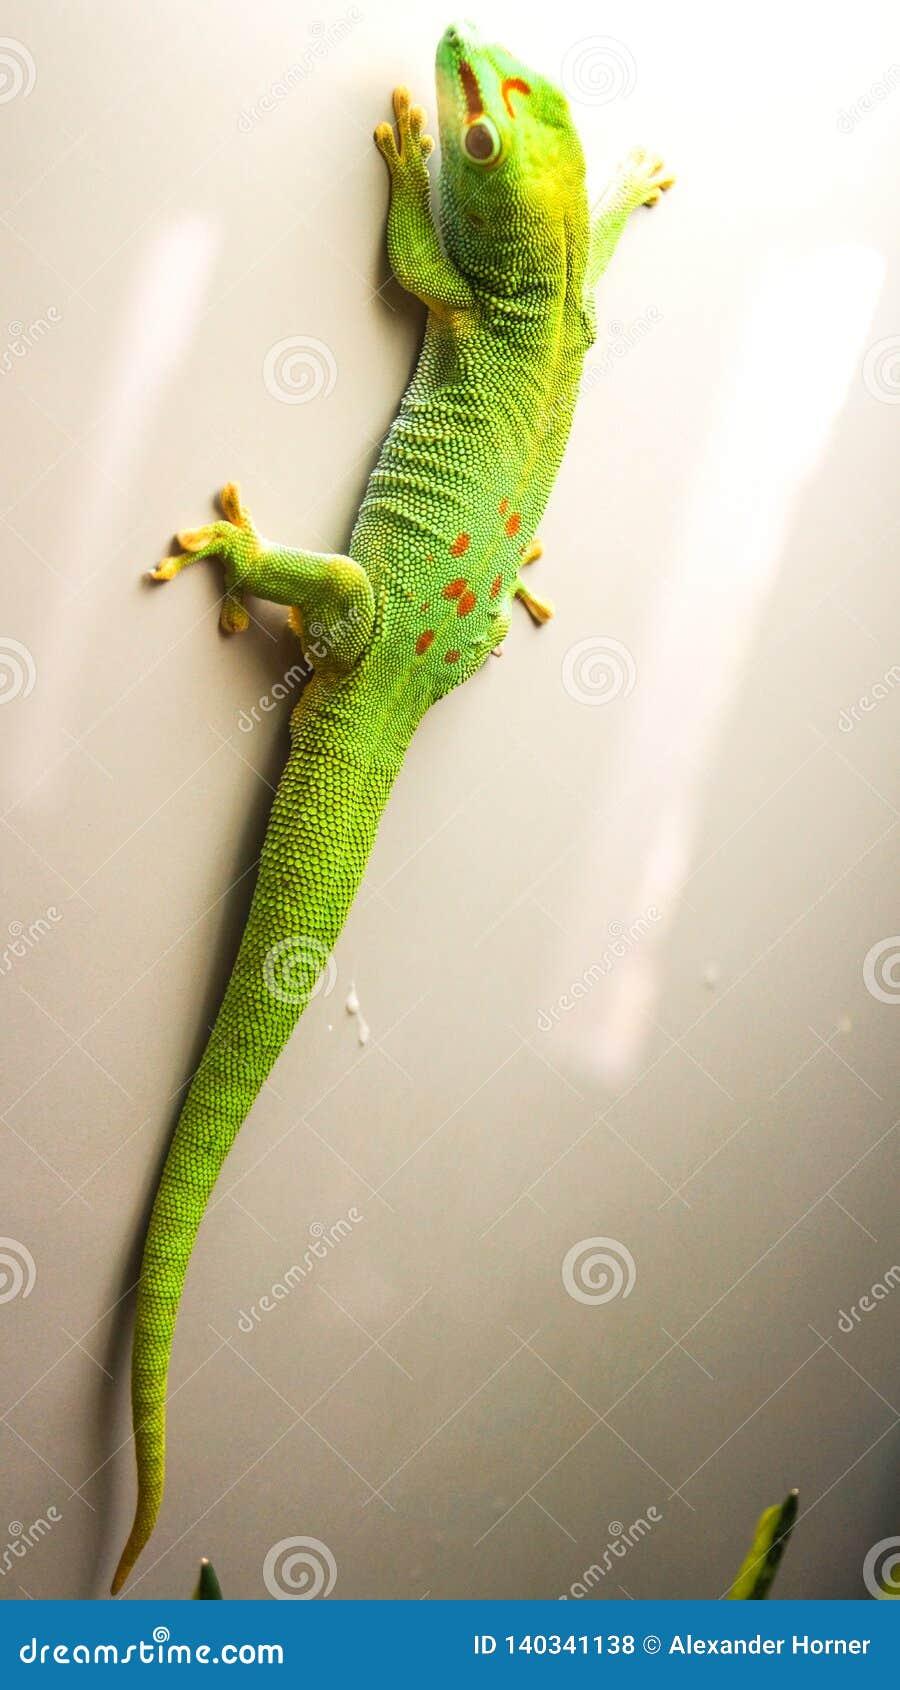 Πράσινη ζωηρόχρωμη αναρρίχηση σαυρών της Caroline anole επάνω στον τοίχο